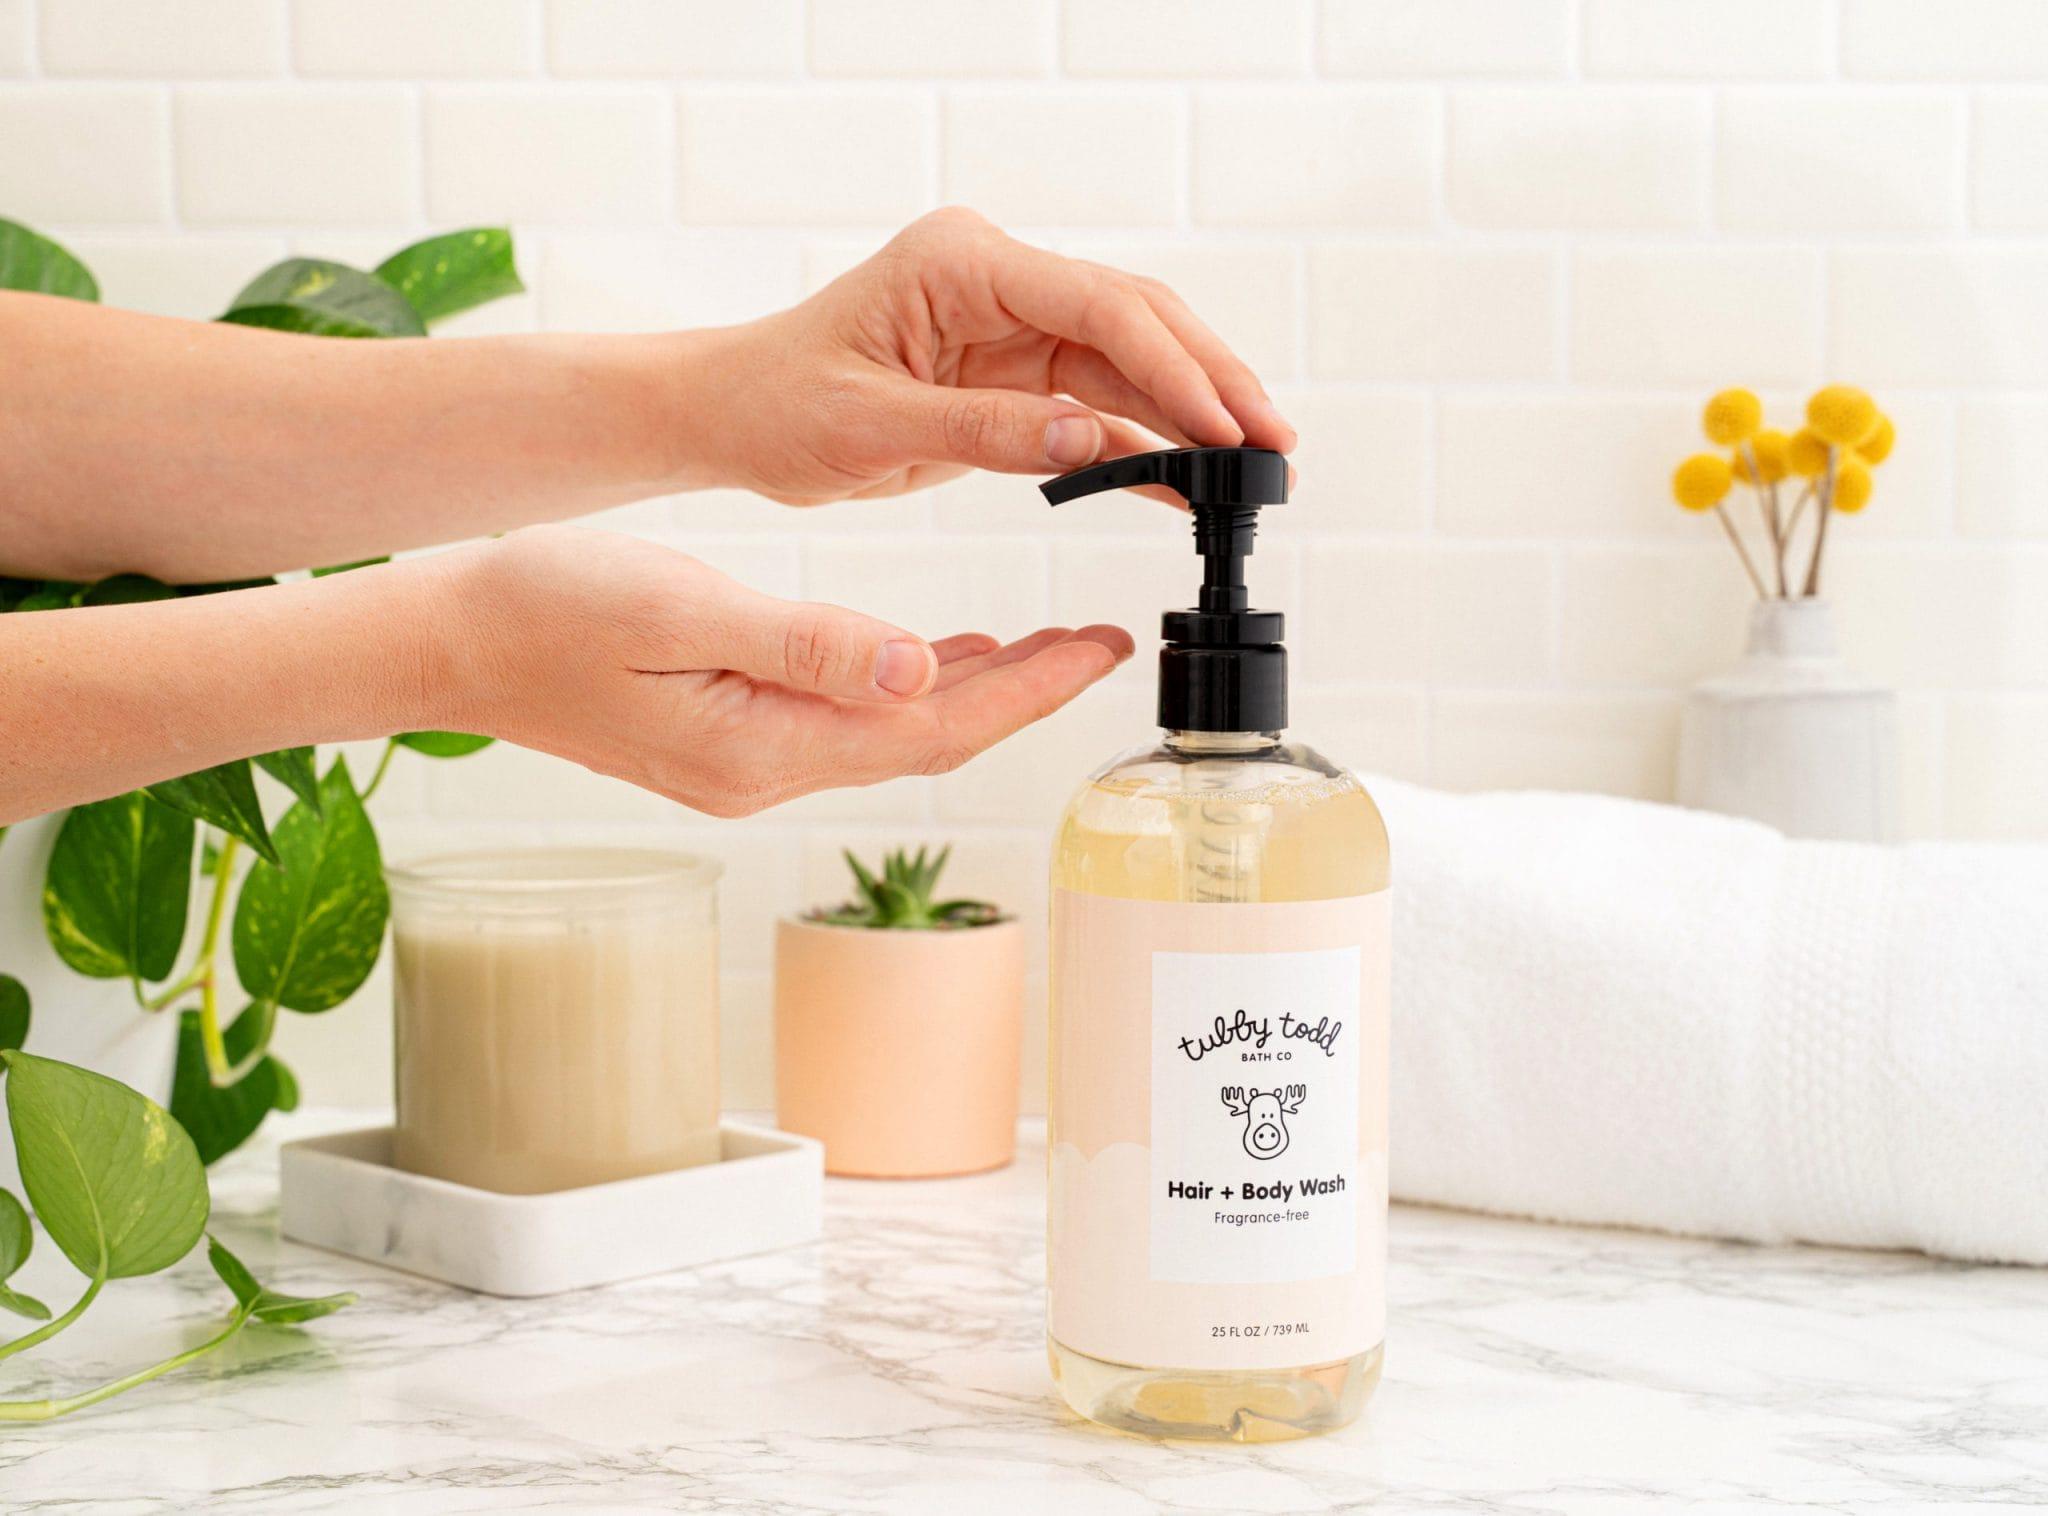 Fragrance-free Hair + Body Wash